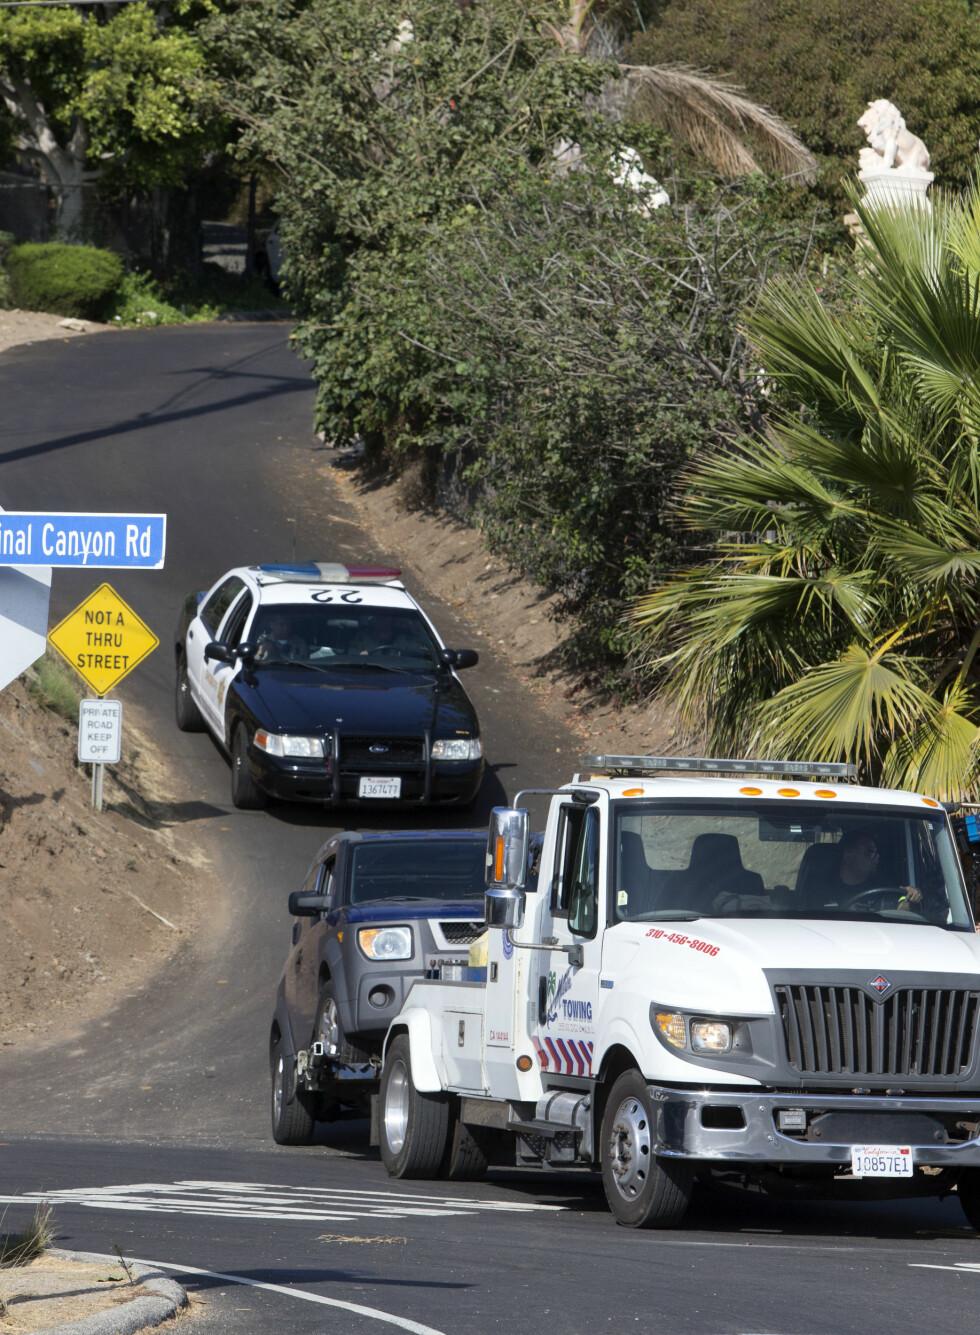 RYKKET UT: Politiet rykket ut til Miranda Kerrs hjem i Malibu etter en skyteepisode. Foto: NTB scanpix